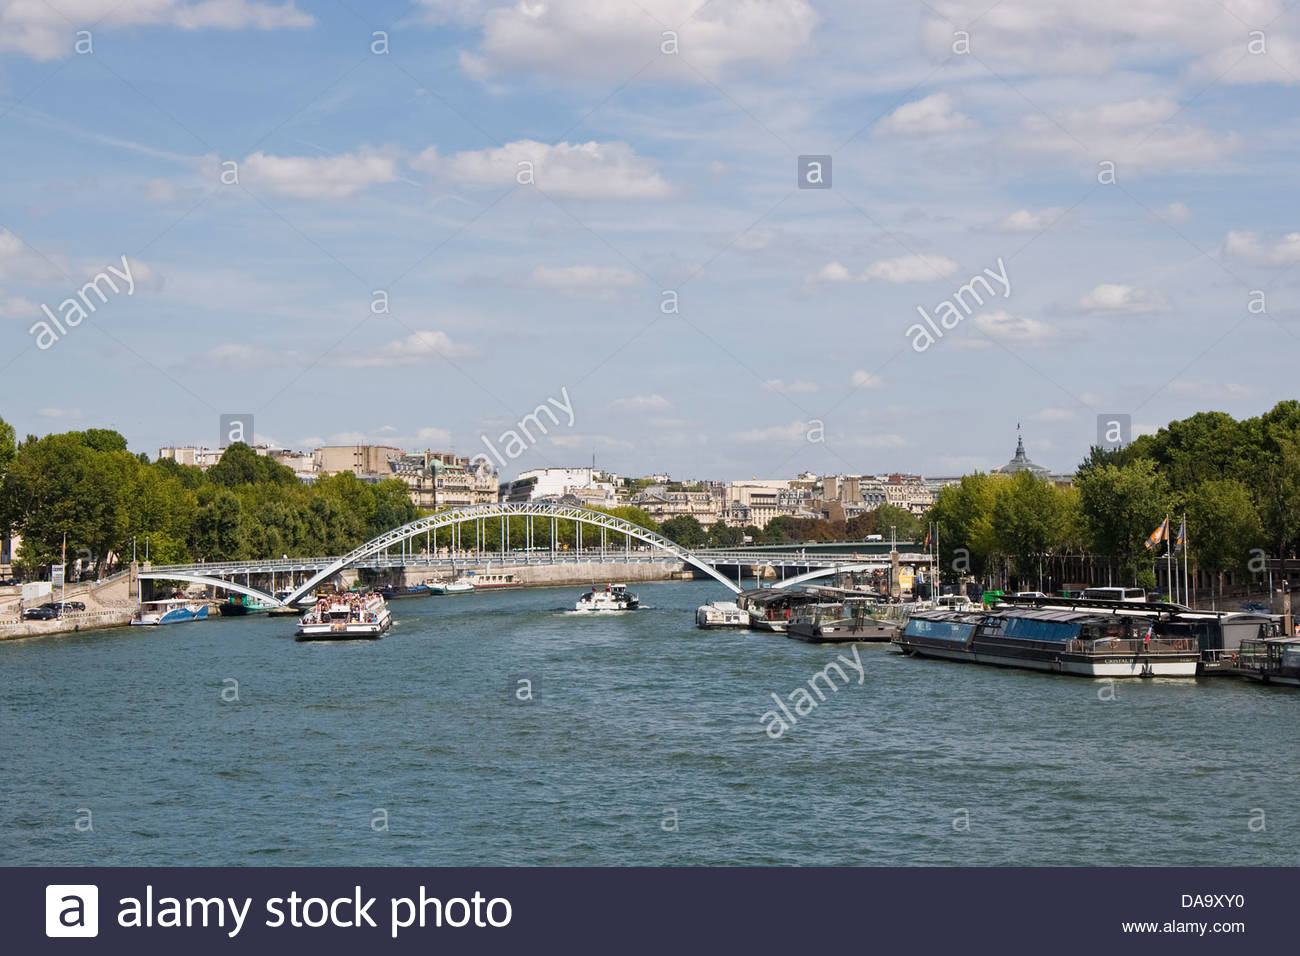 France,Ile de France,Paris,Seine - Stock Image